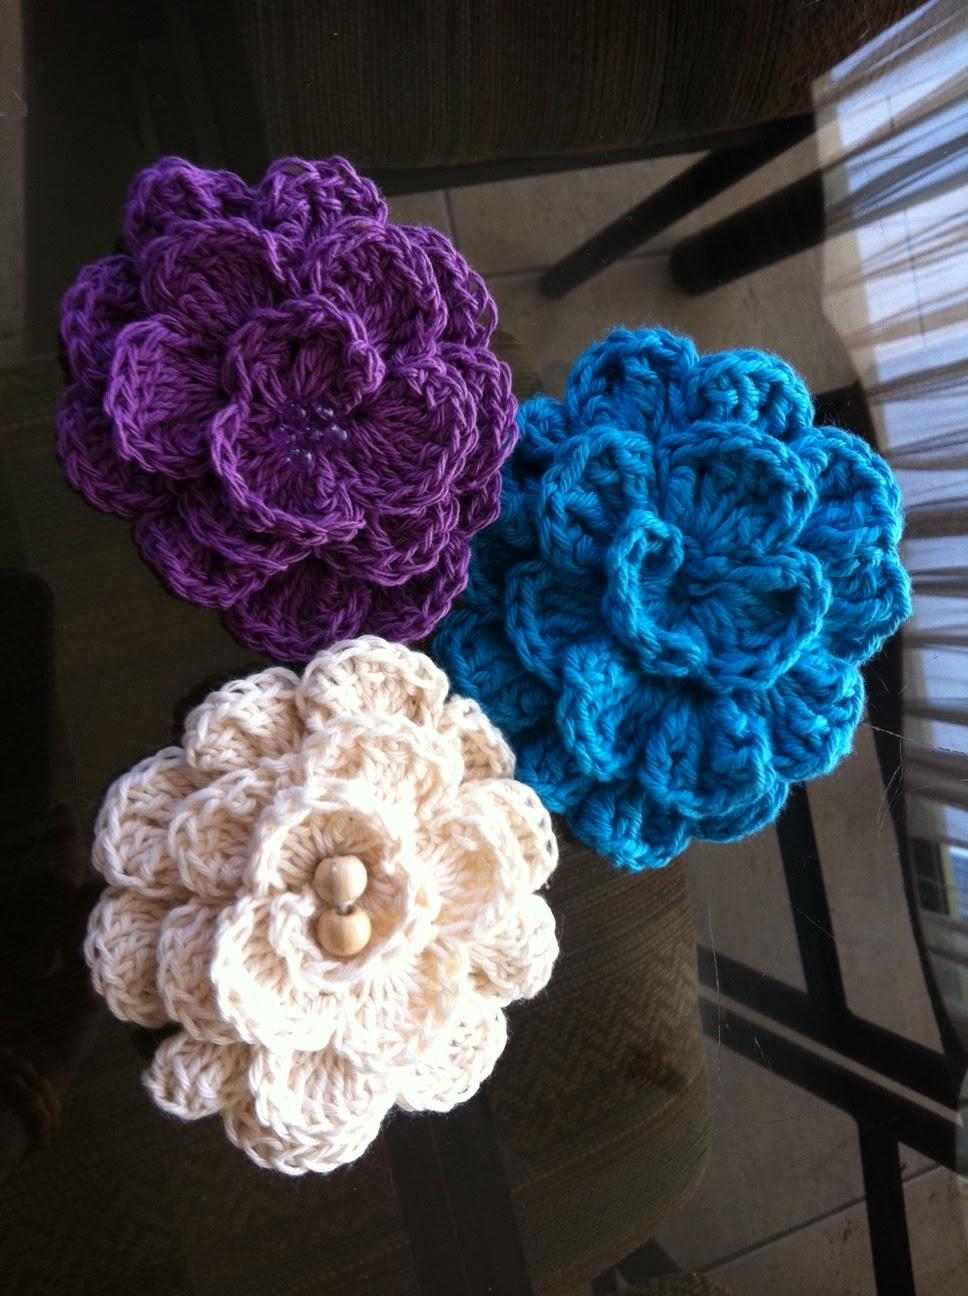 imagenes de flores tejidas a crochet - Tejedora Compulsiva: Flores tejidas